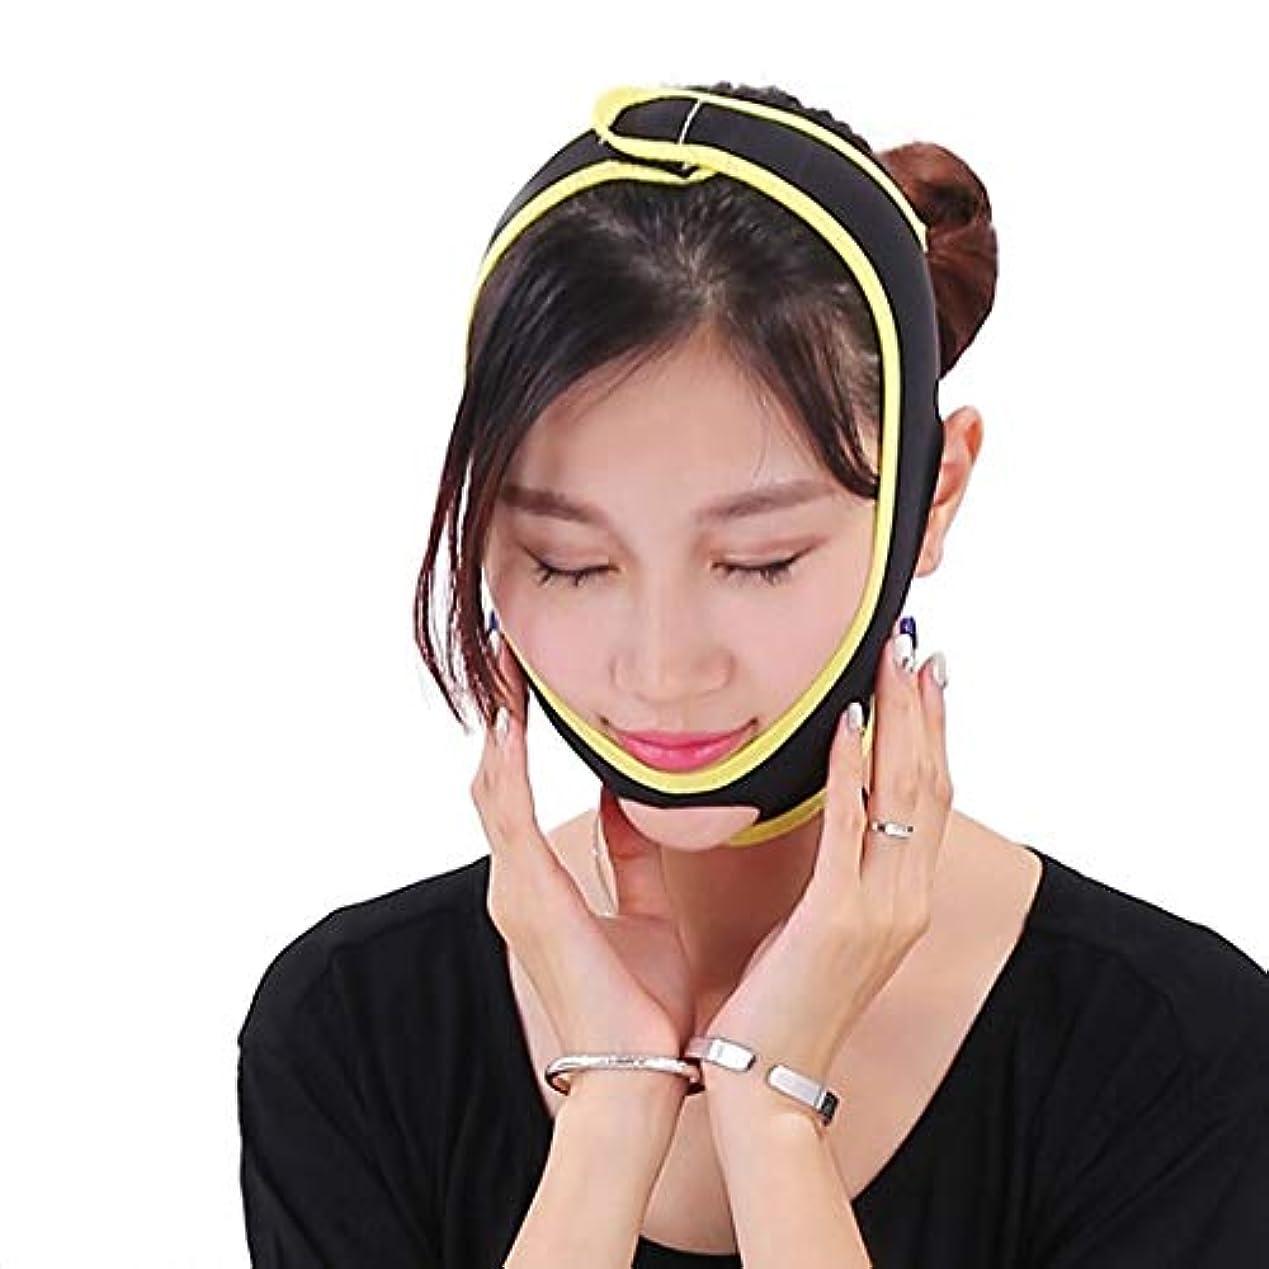 グラス正確に記憶に残るZWBD フェイスマスク, フェイスリフティング包帯パワフルフェイスマスクフェイスリフティング包帯引き締めシワ顔楽器vフェイスダークブラック